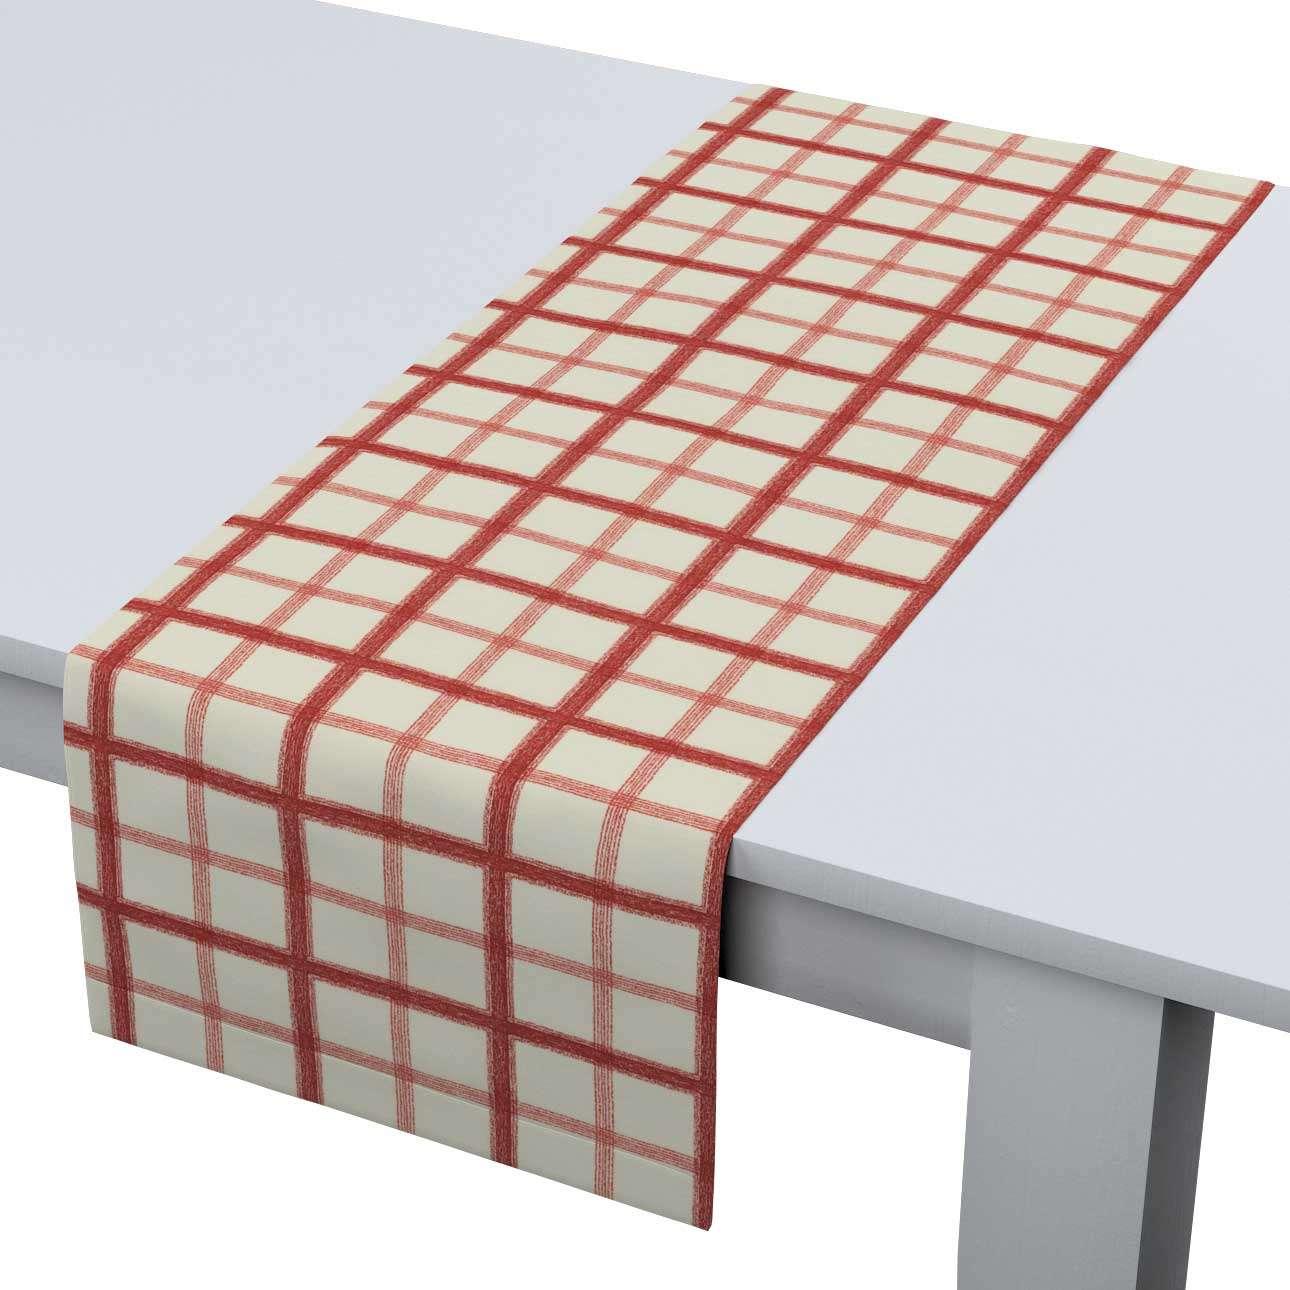 Štóla na stôl V kolekcii Avinon, tkanina: 131-15